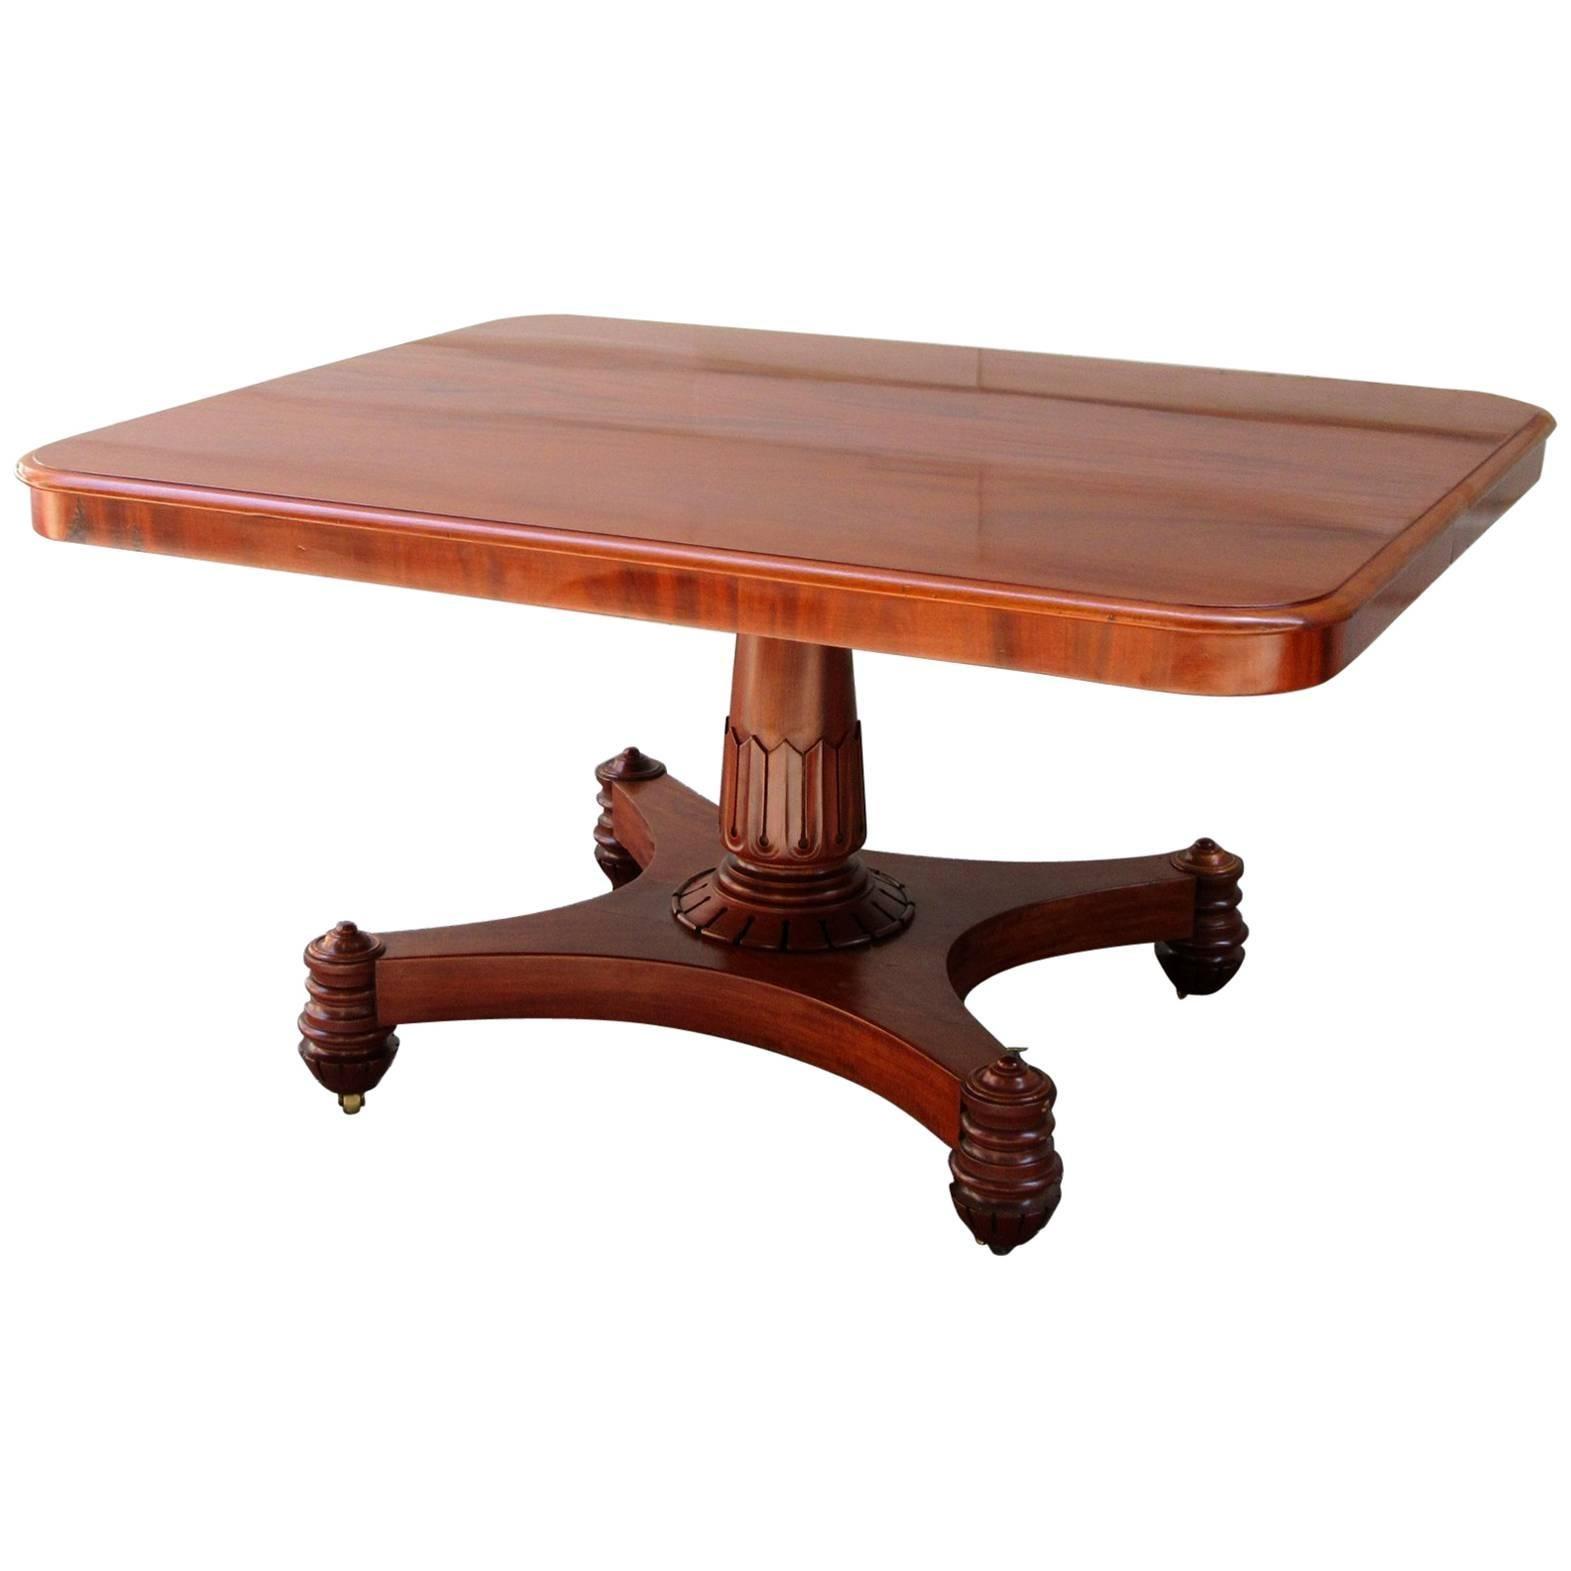 Early 19th Century English Regency Mahogany Tilt-Top Breakfast Table